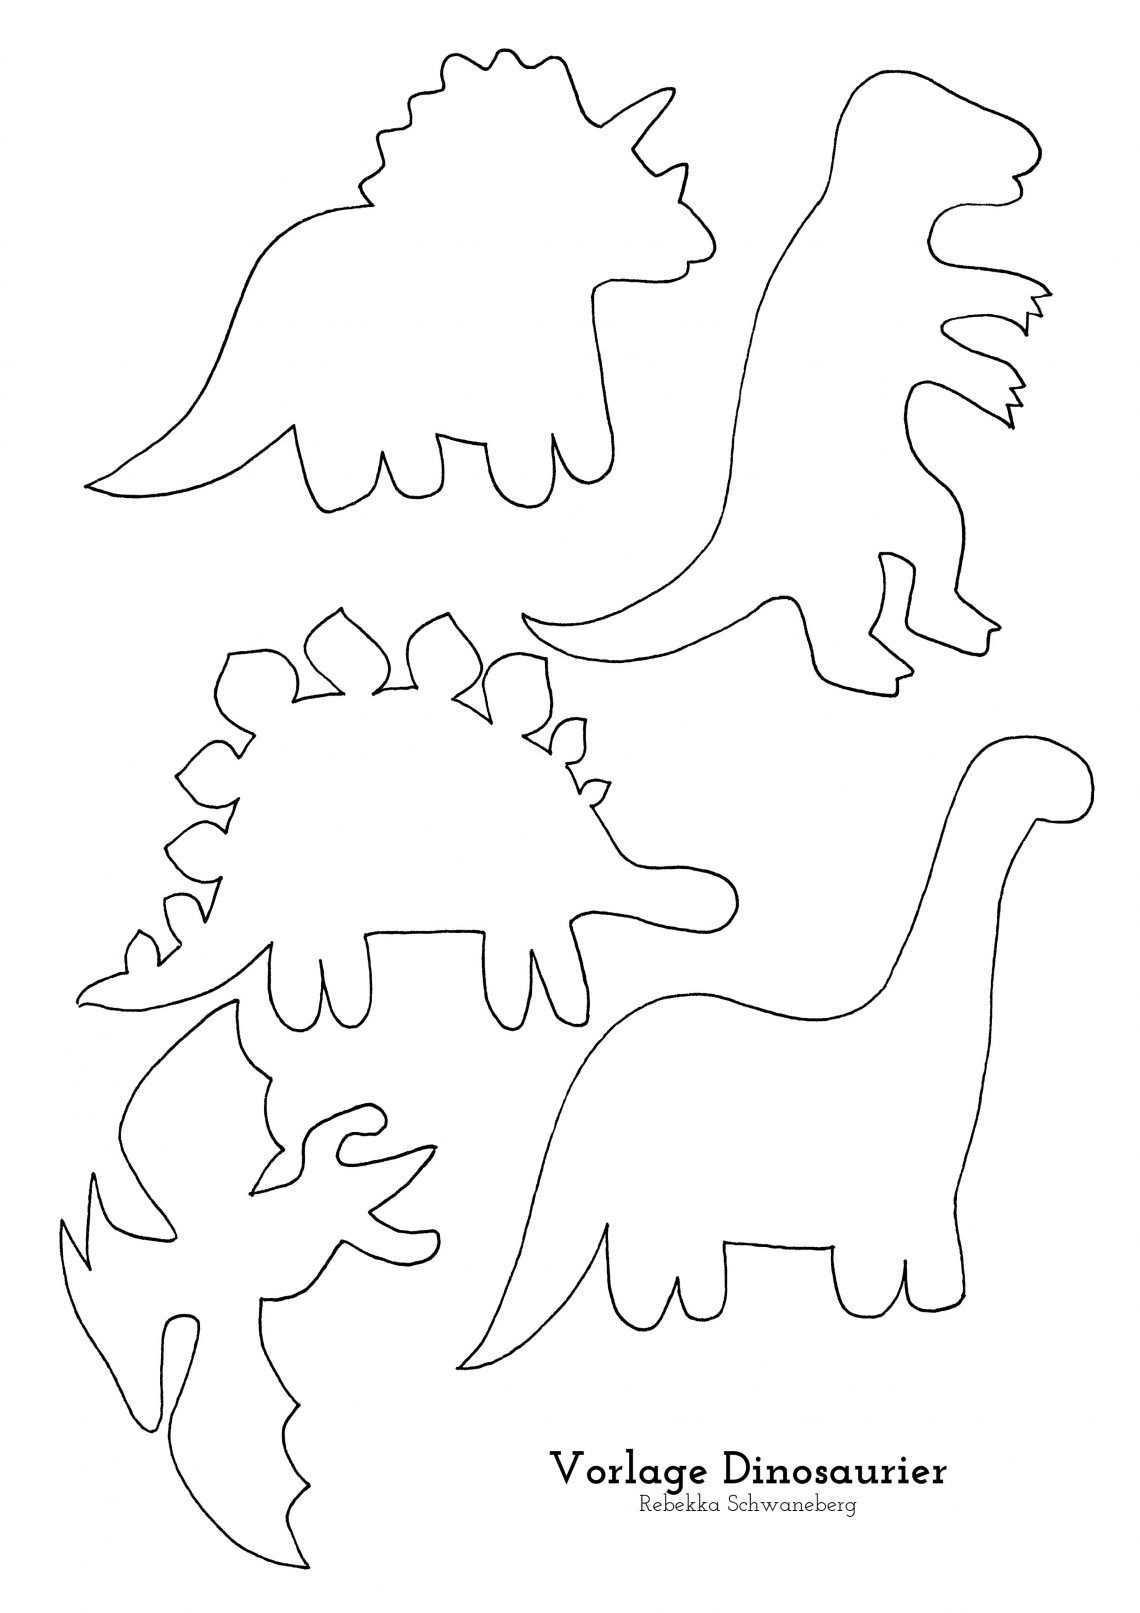 Ein Dinosaurier Geburtstag Loveletter Kinder Dinosaurier Dinosaurier Basteln Dinosaurier